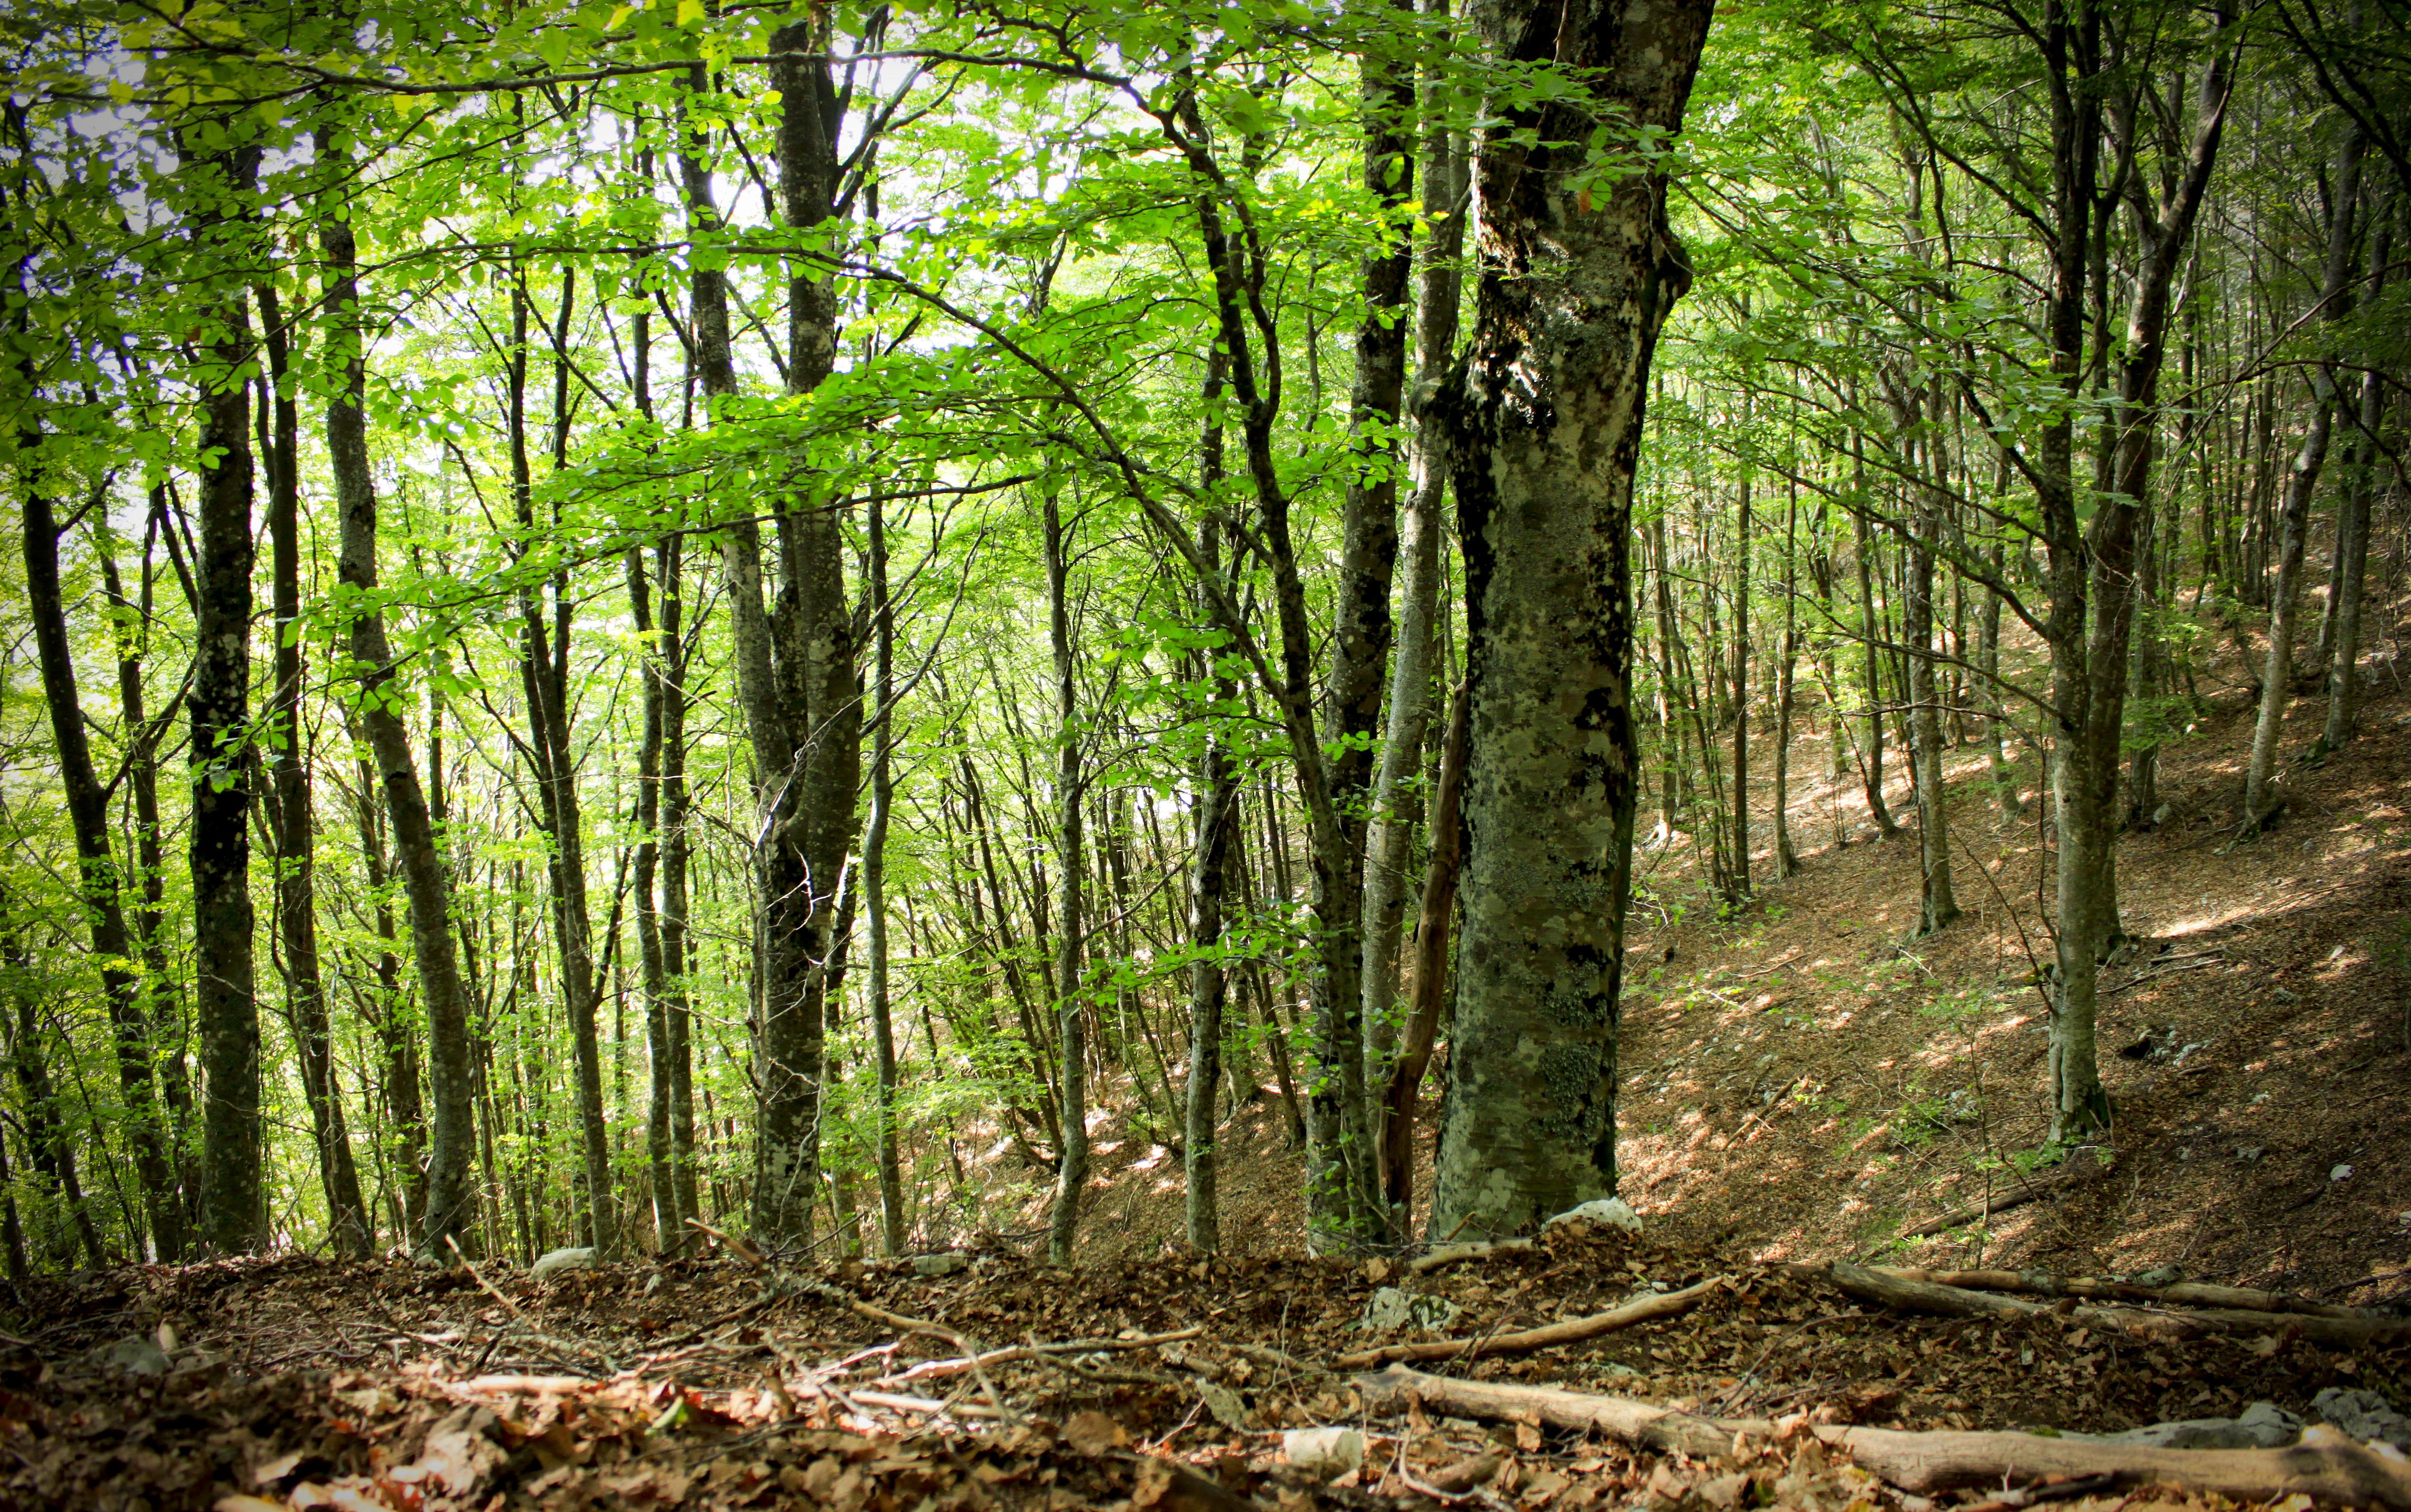 Particolare_della_foresta_di_faggi_-_Parco_Naturale_dei_Monti_Aurunci